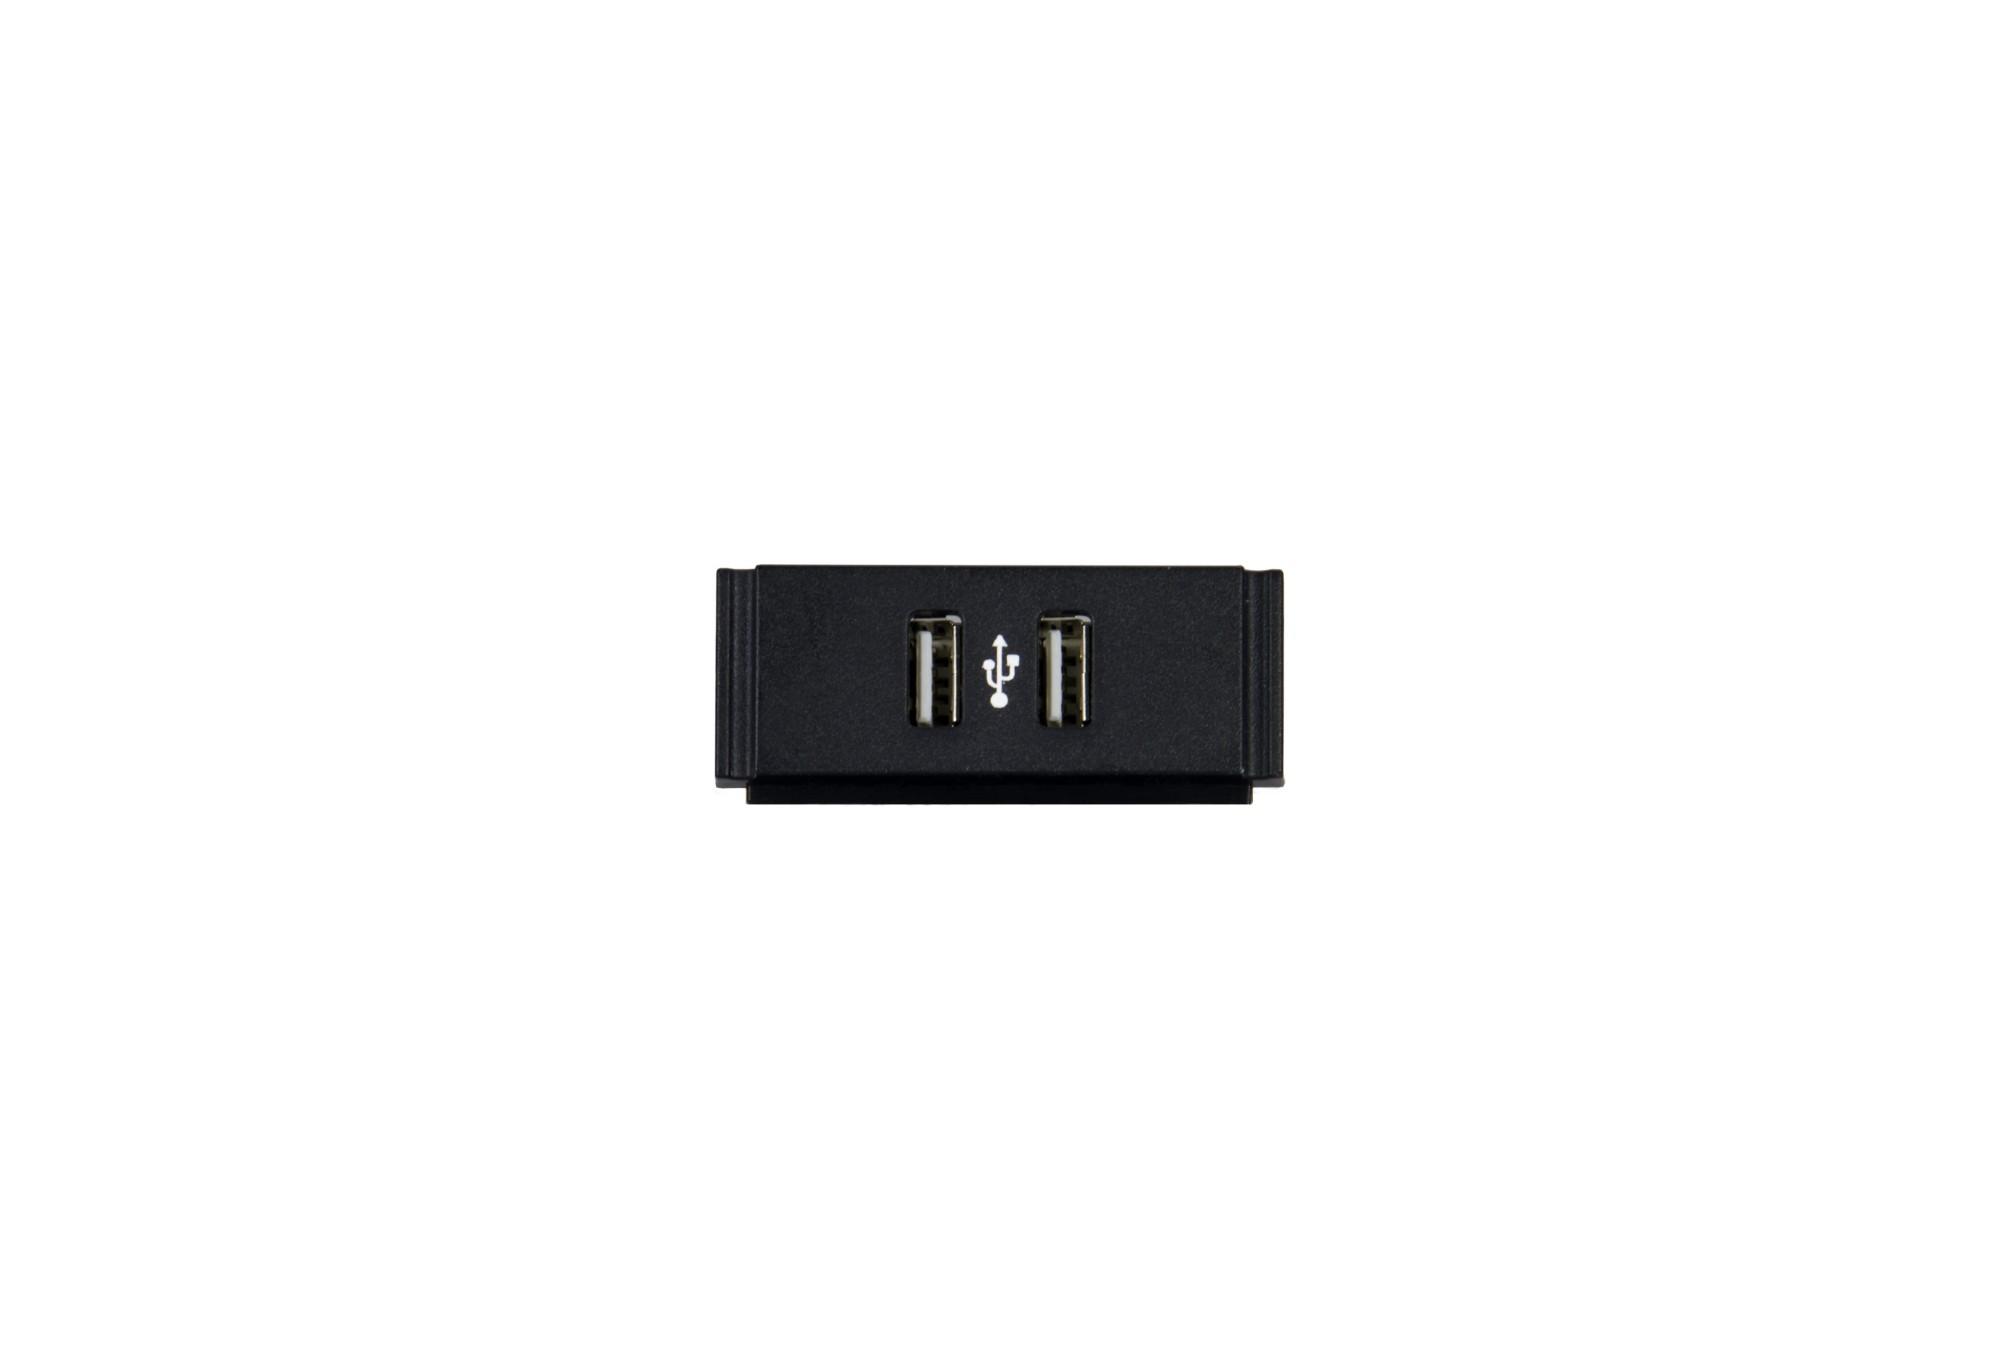 AMX USB Module